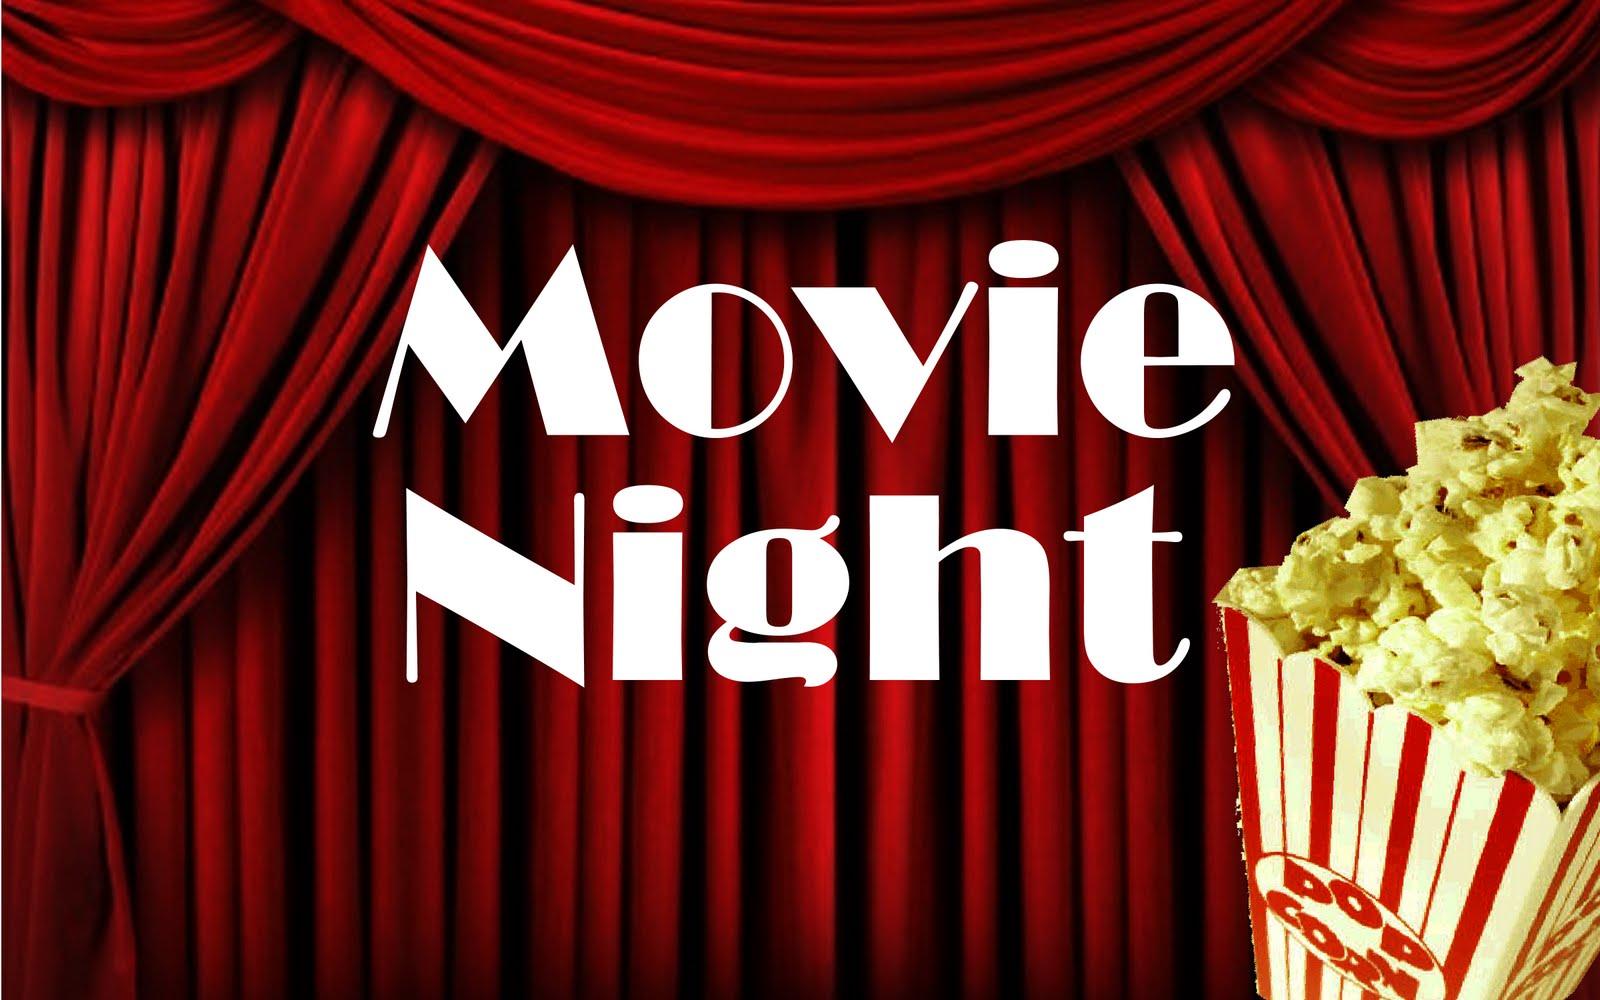 MovieNight.jpg